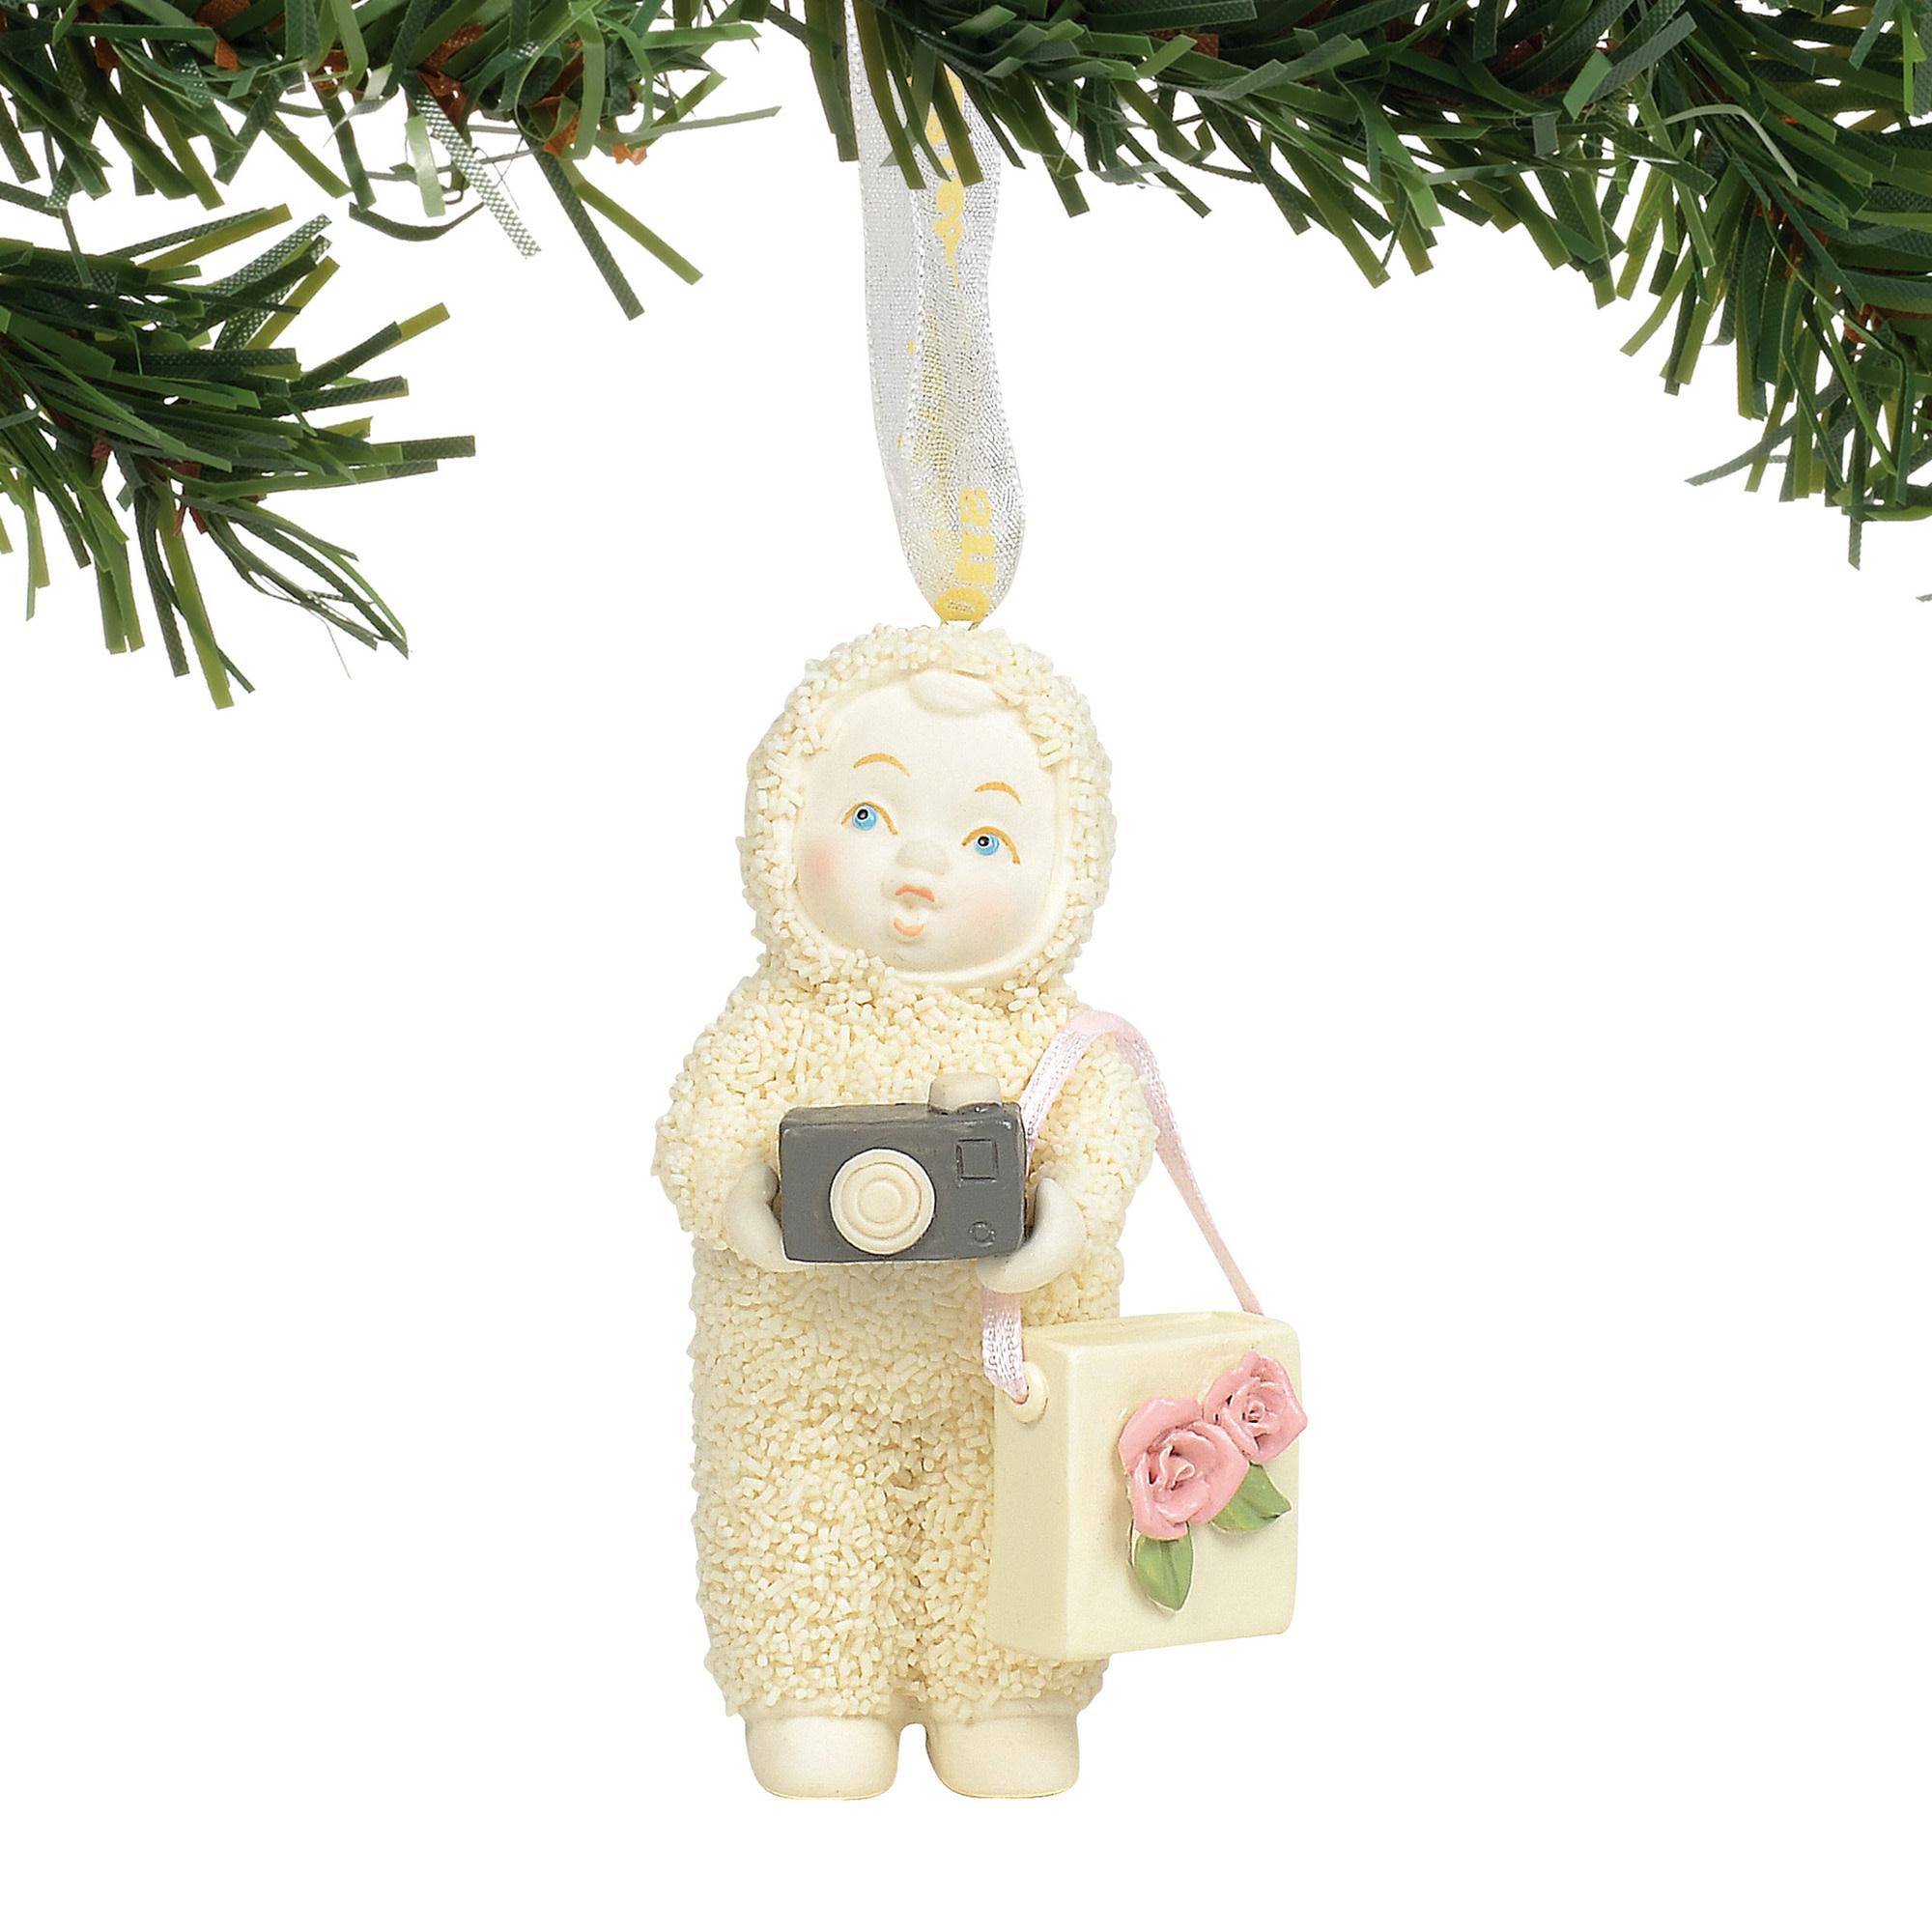 Snowbabies Oh Snap Ornament